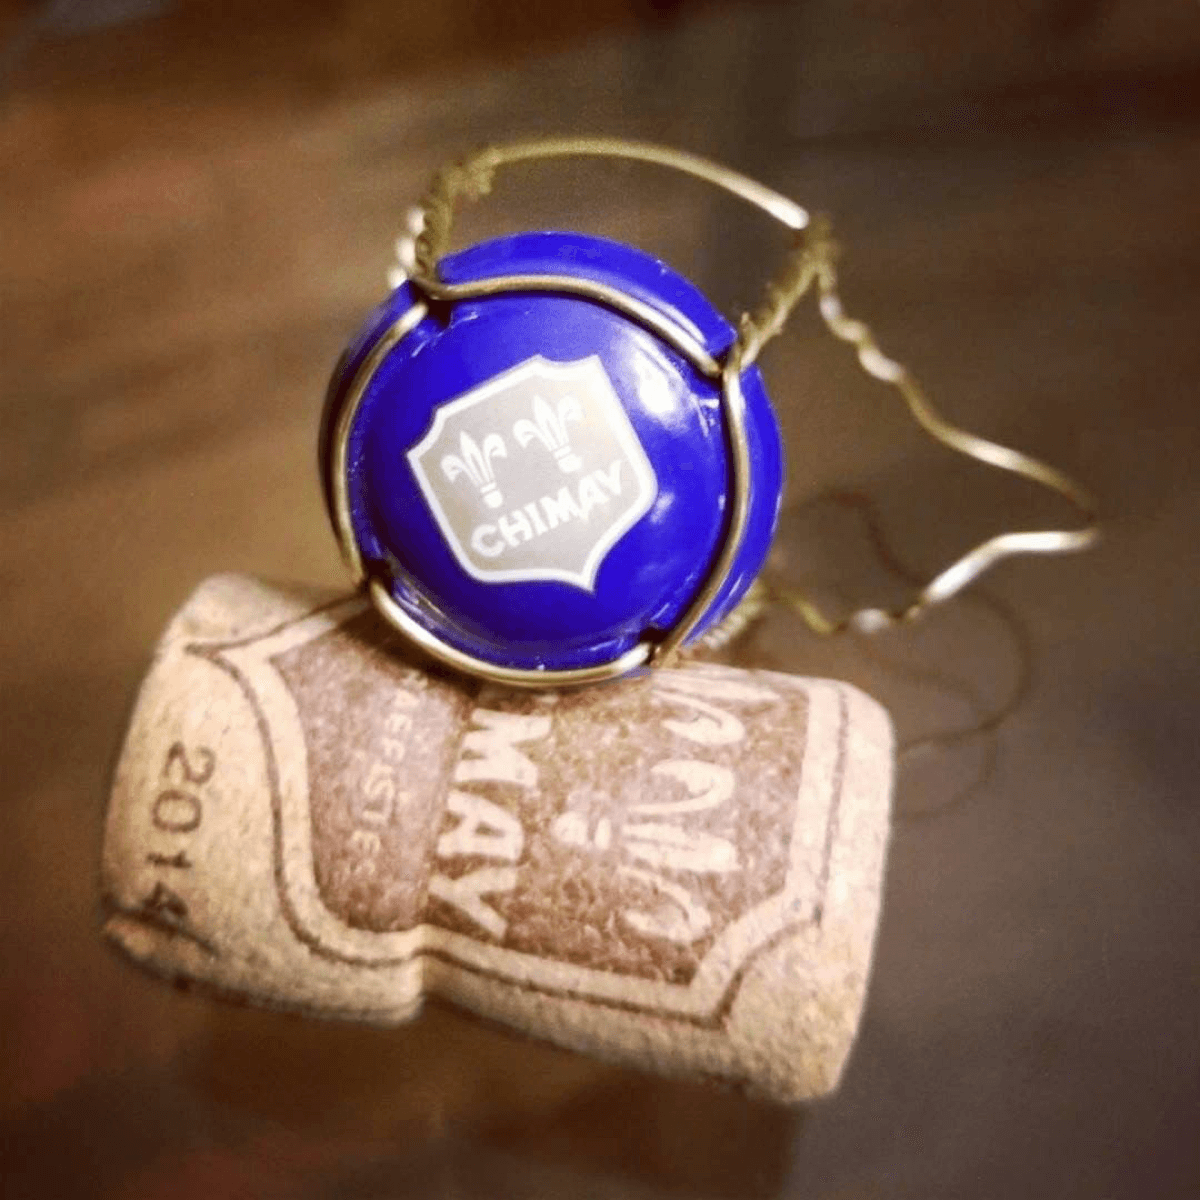 La Chimay Bleue tire son nom de la couleur de sa capsule